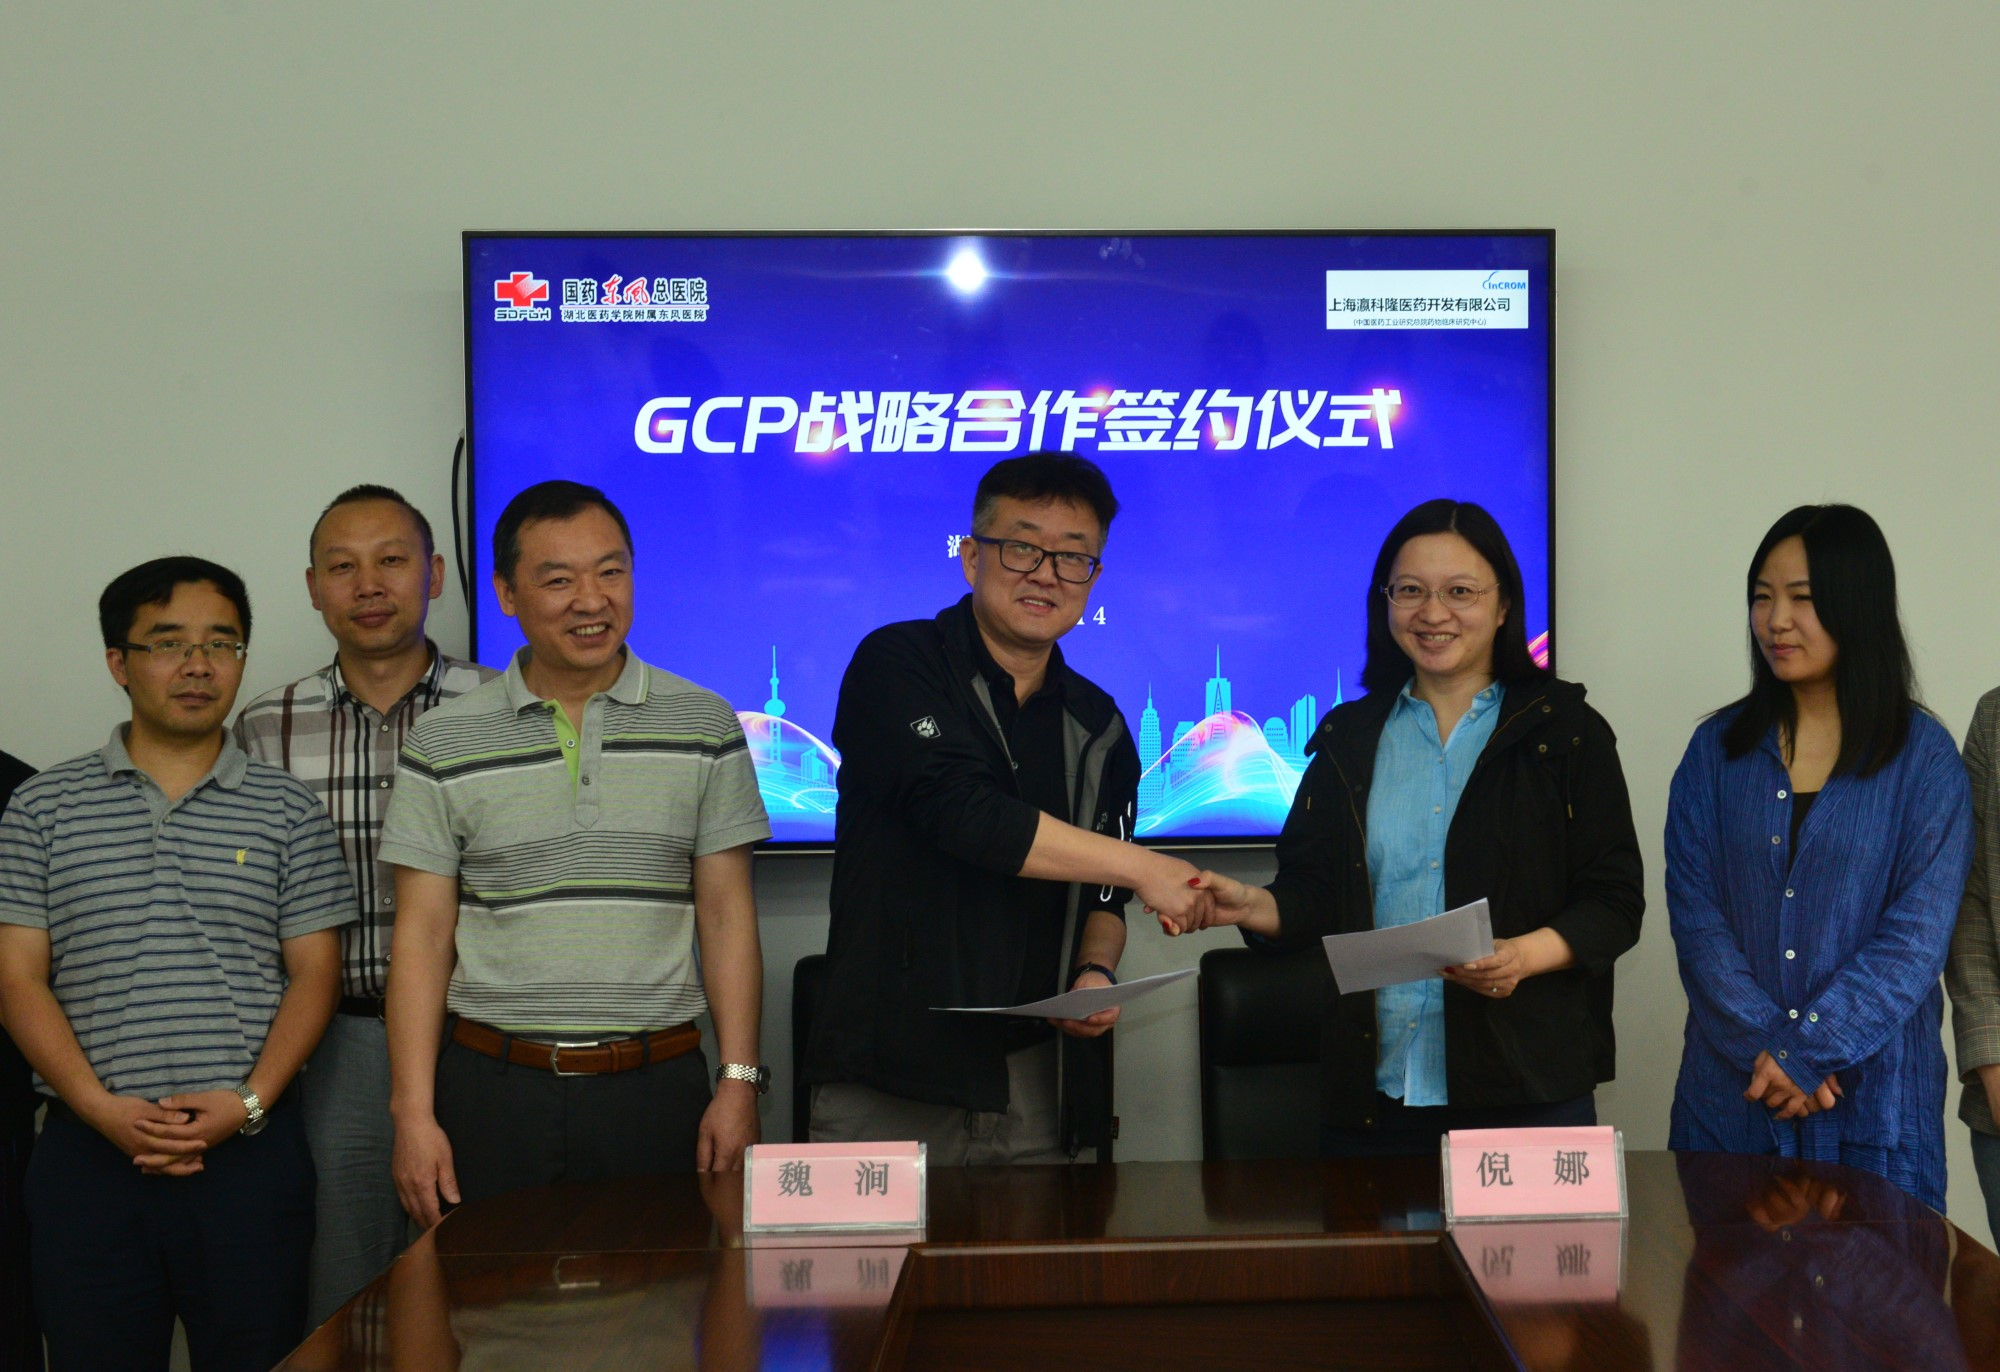 国药东风总医院与上海瀛科隆医药开发有限公司签订GCP战略合作协议